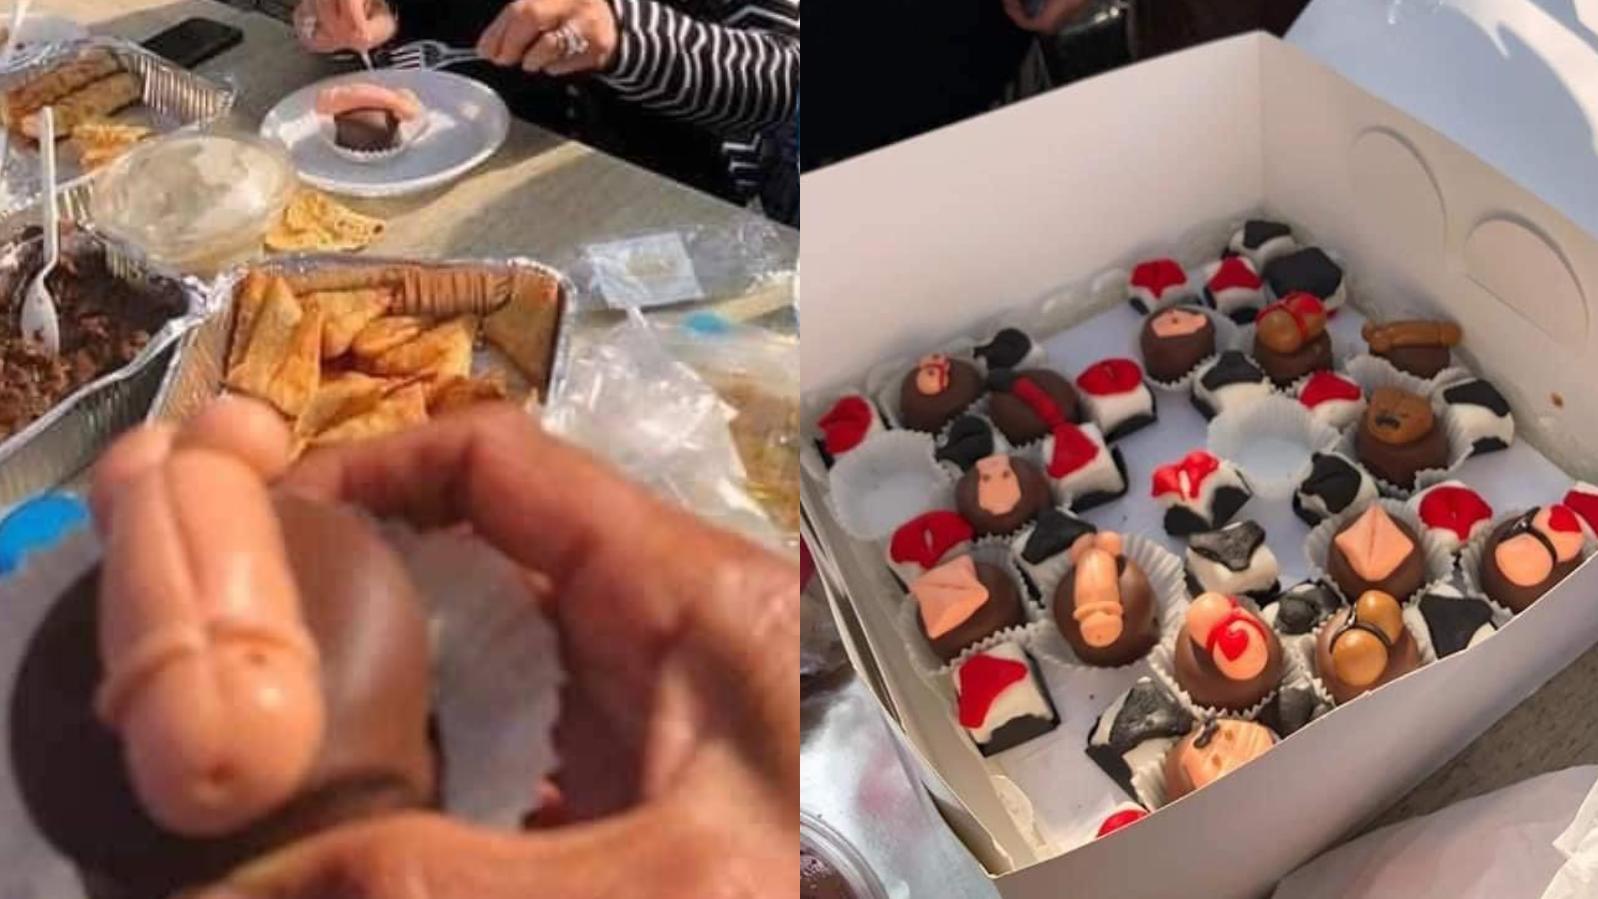 Frau in Ägypten wegen Penis- und Busen-Cupcakes festgenommen